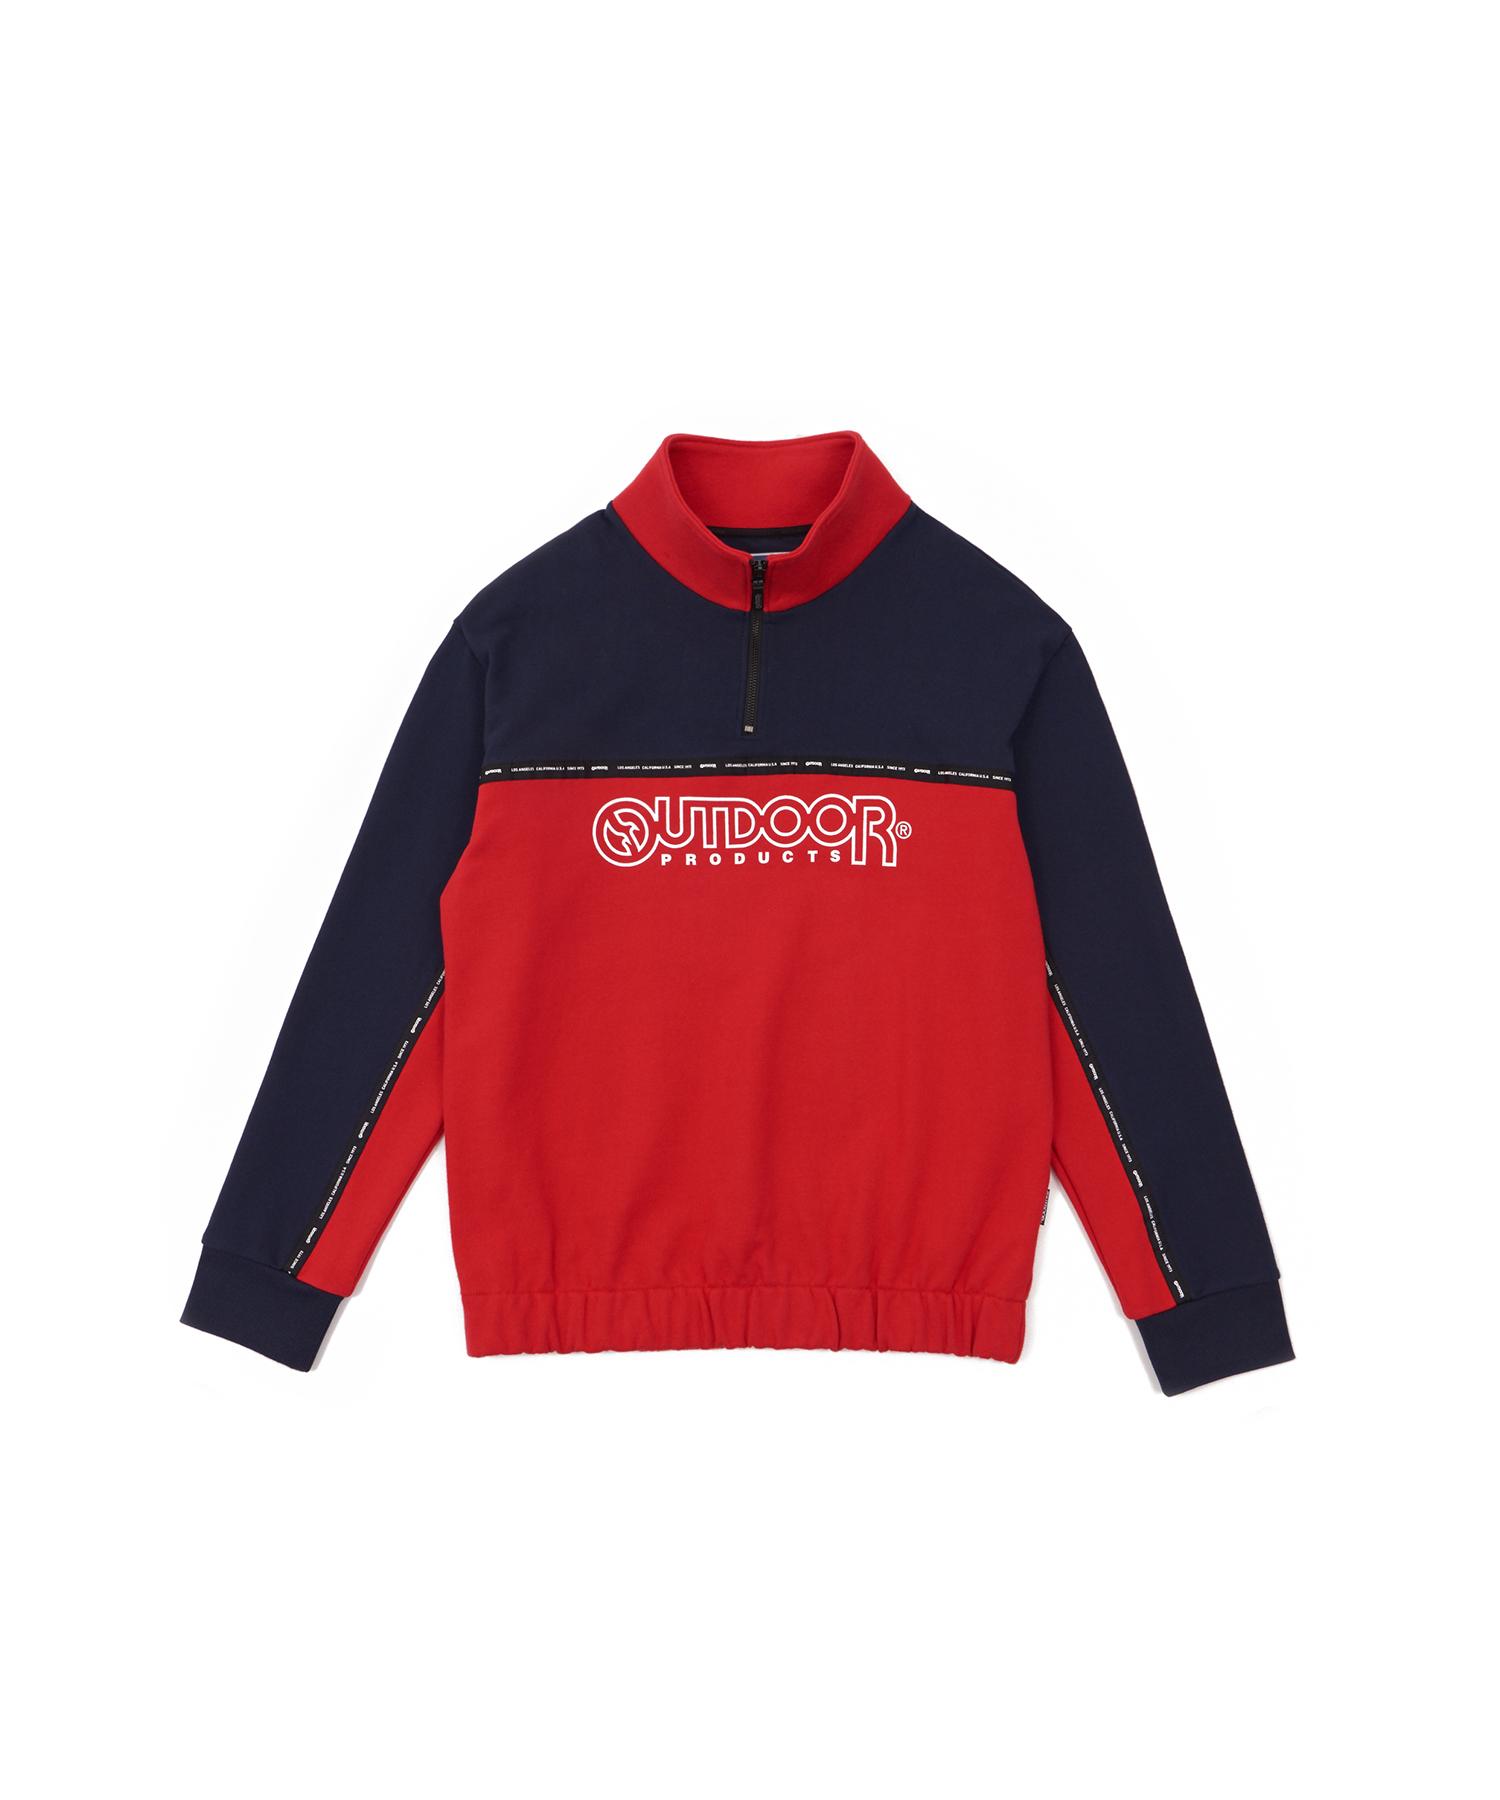 아웃도어프로덕트 컬러블럭 하프집업 맨투맨 티셔츠